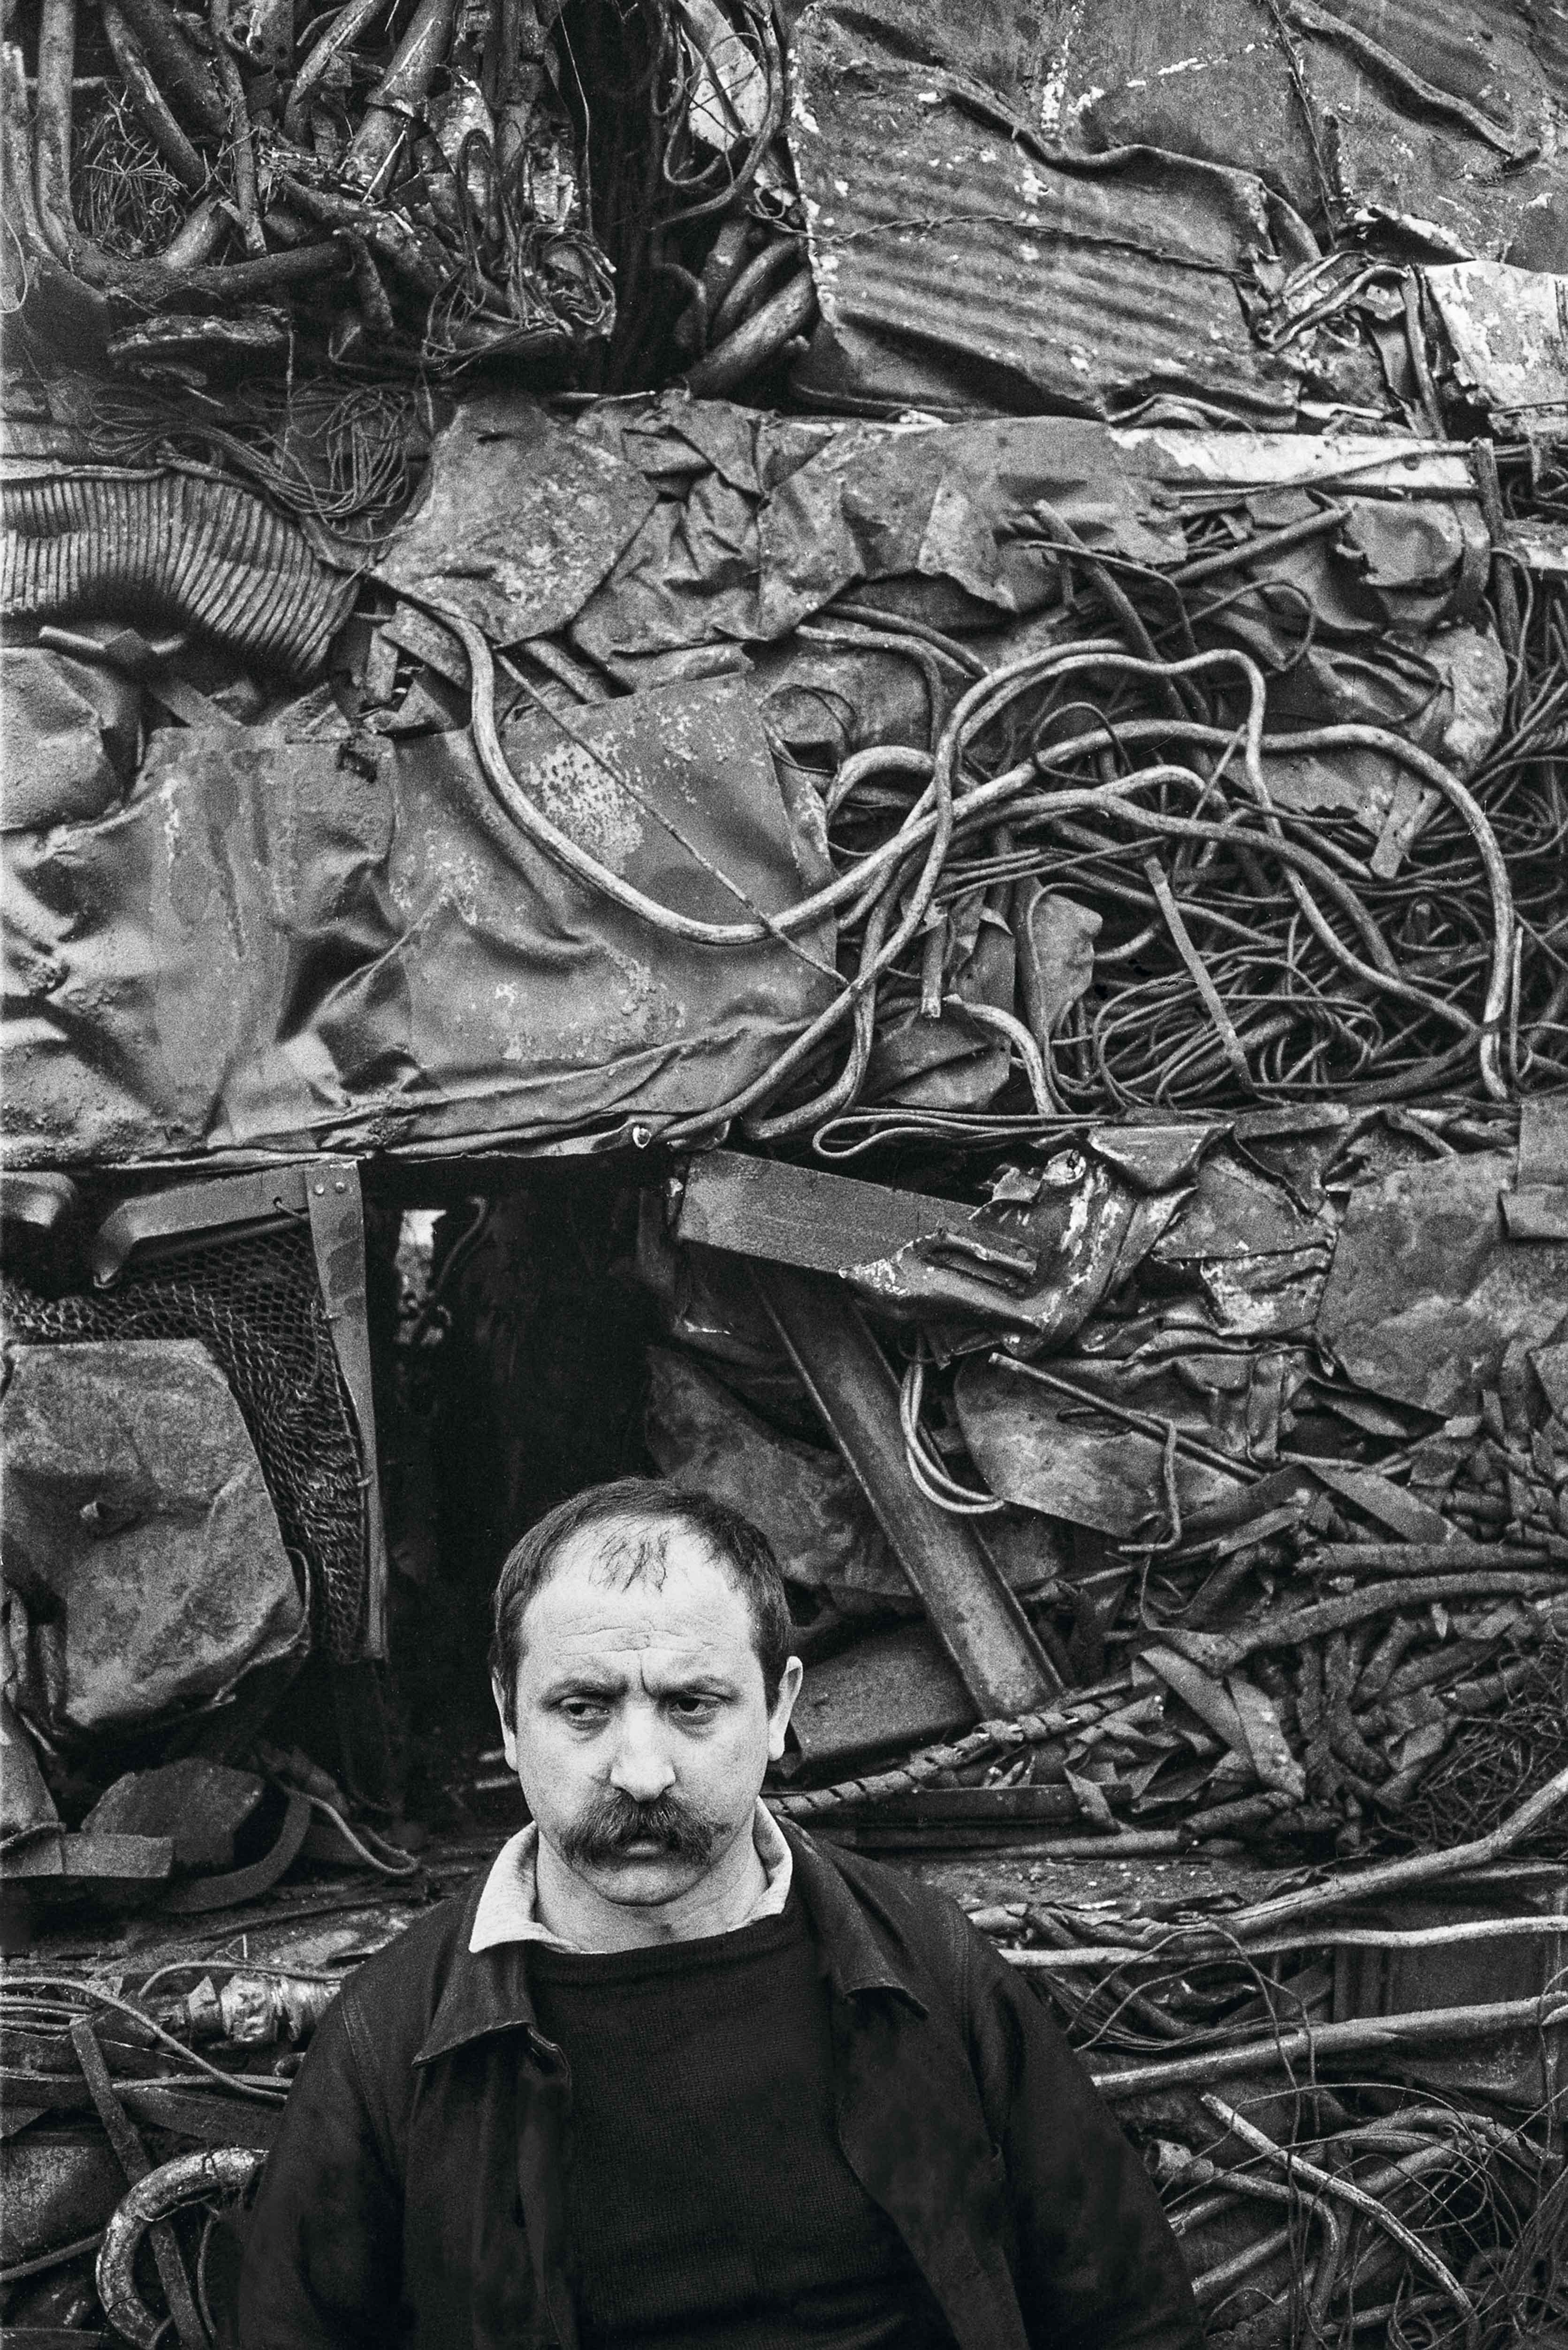 CÉSAR - Portrait, 1960 © Giancarlo Botti